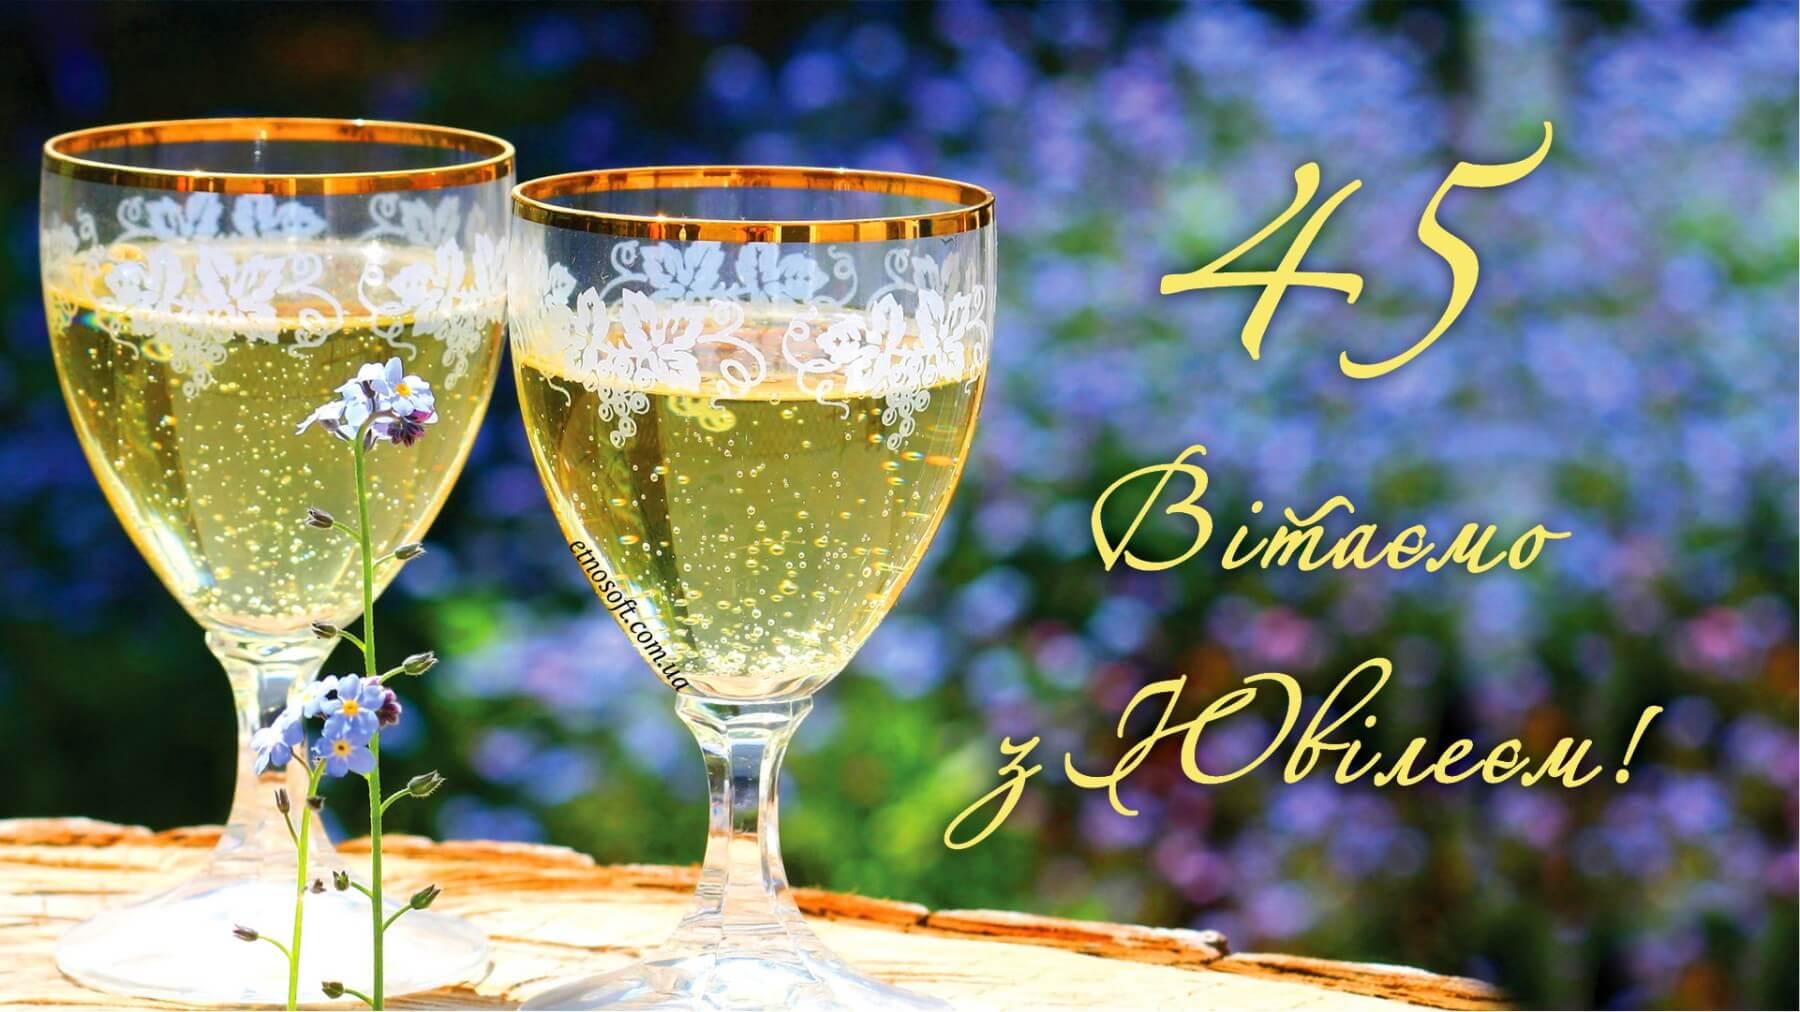 Гарна картинка-привітання до Ювілею на 45 років - оригінальне привітання з Днем народження та 45 річчям